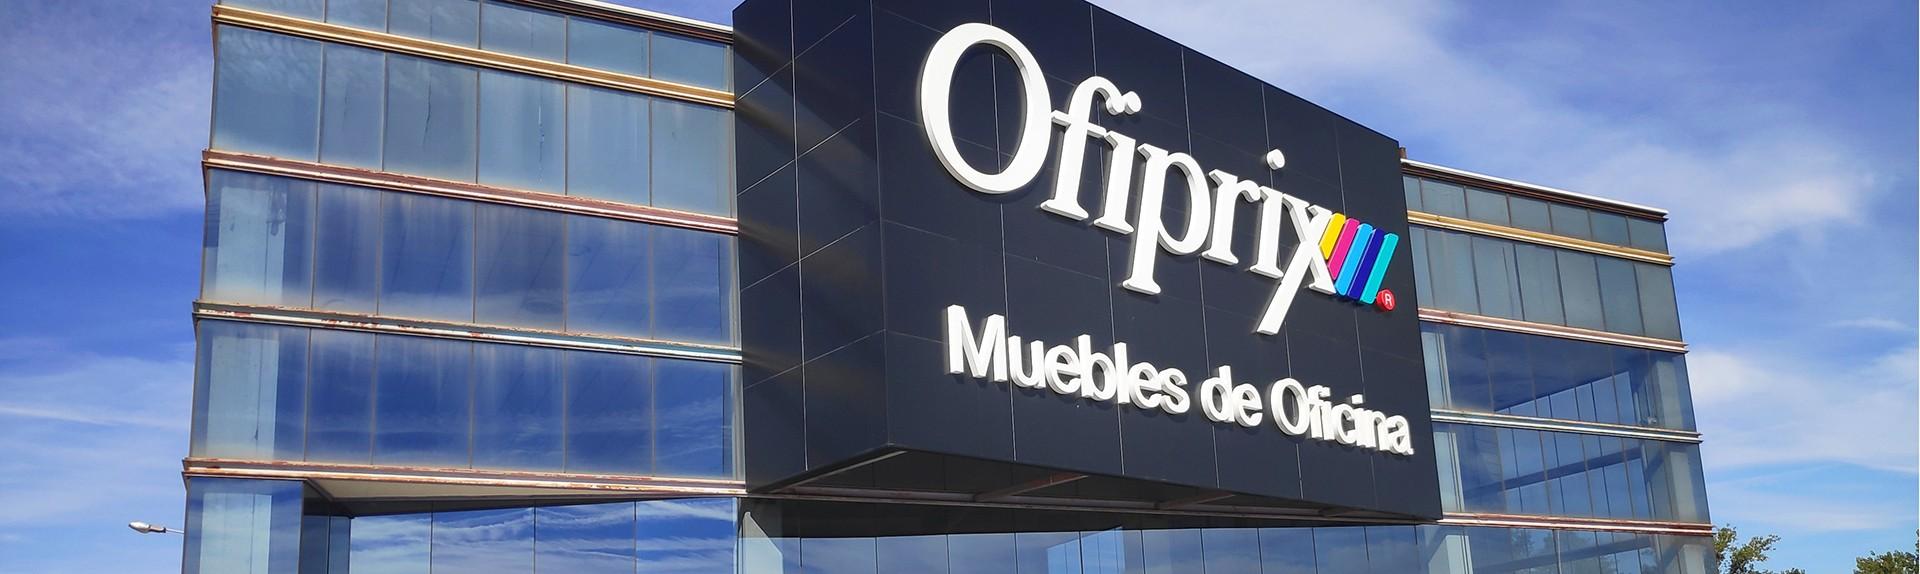 Tiendas de Muebles de Oficina, Mobiliario, Sillas de Oficina Sevilla - Ofiprix